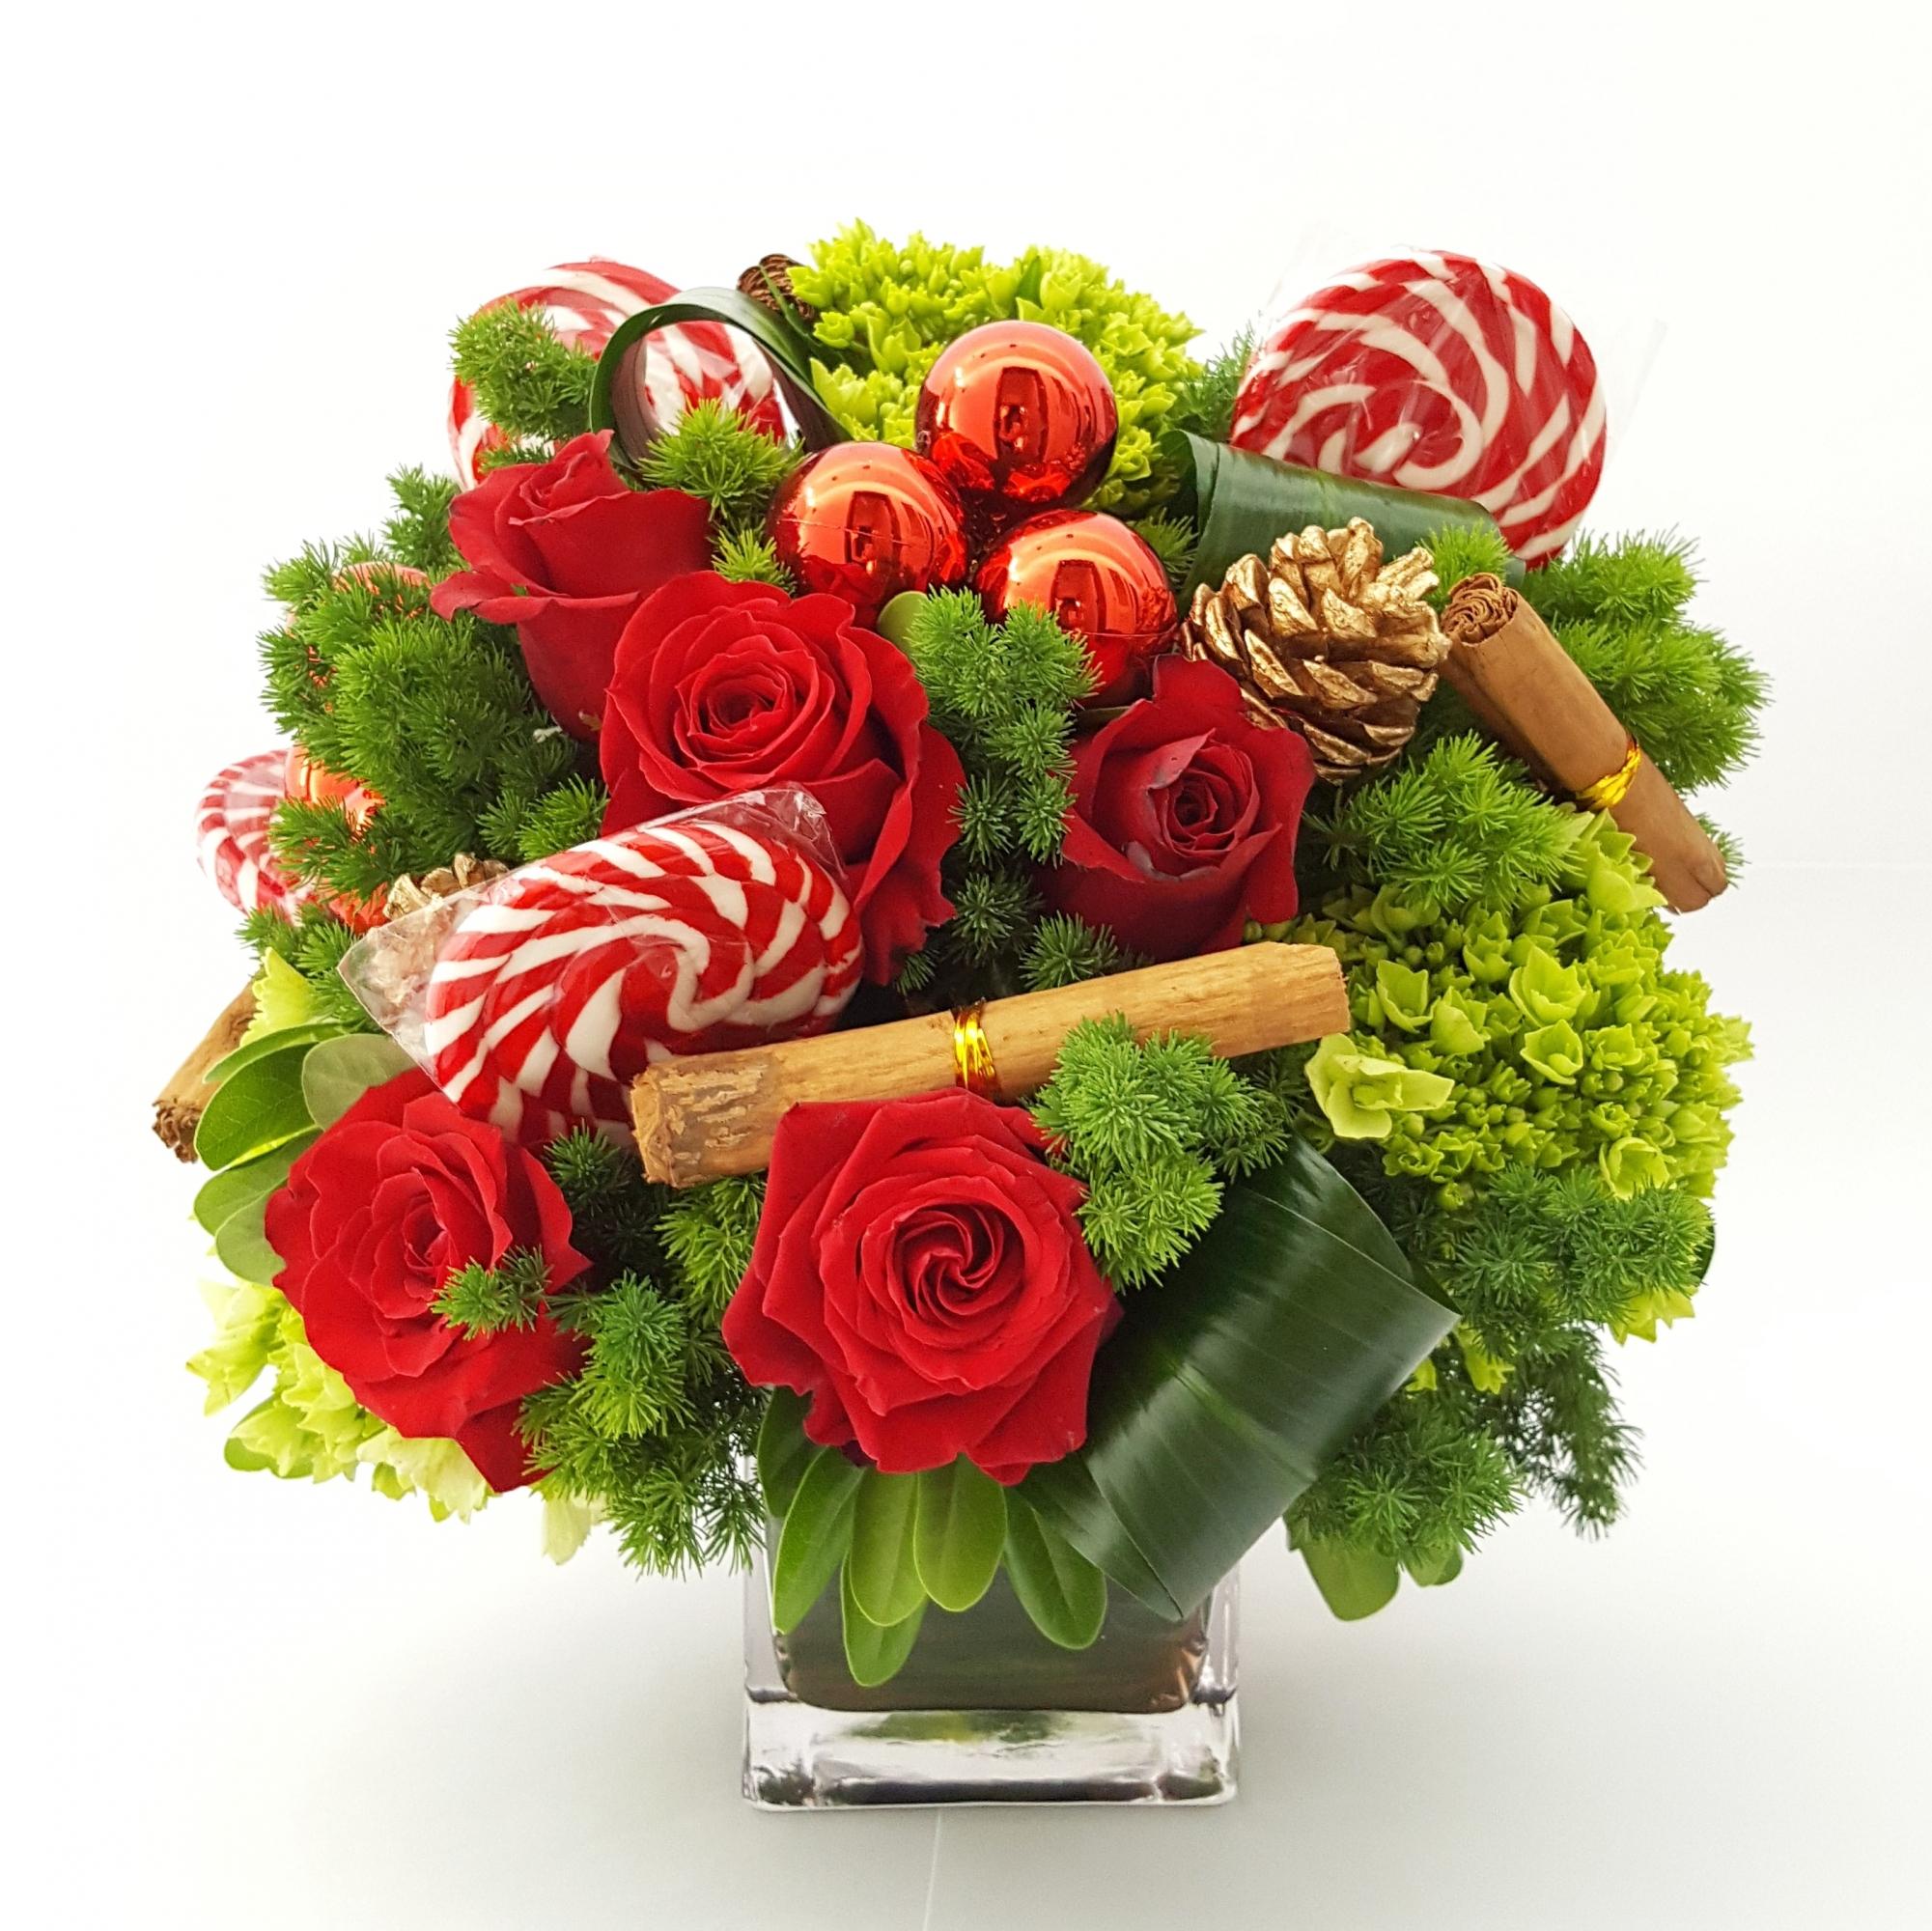 La canela y las paletas de caramelo le darán un toque especial a este arreglo. (Foto: Di Flowers)